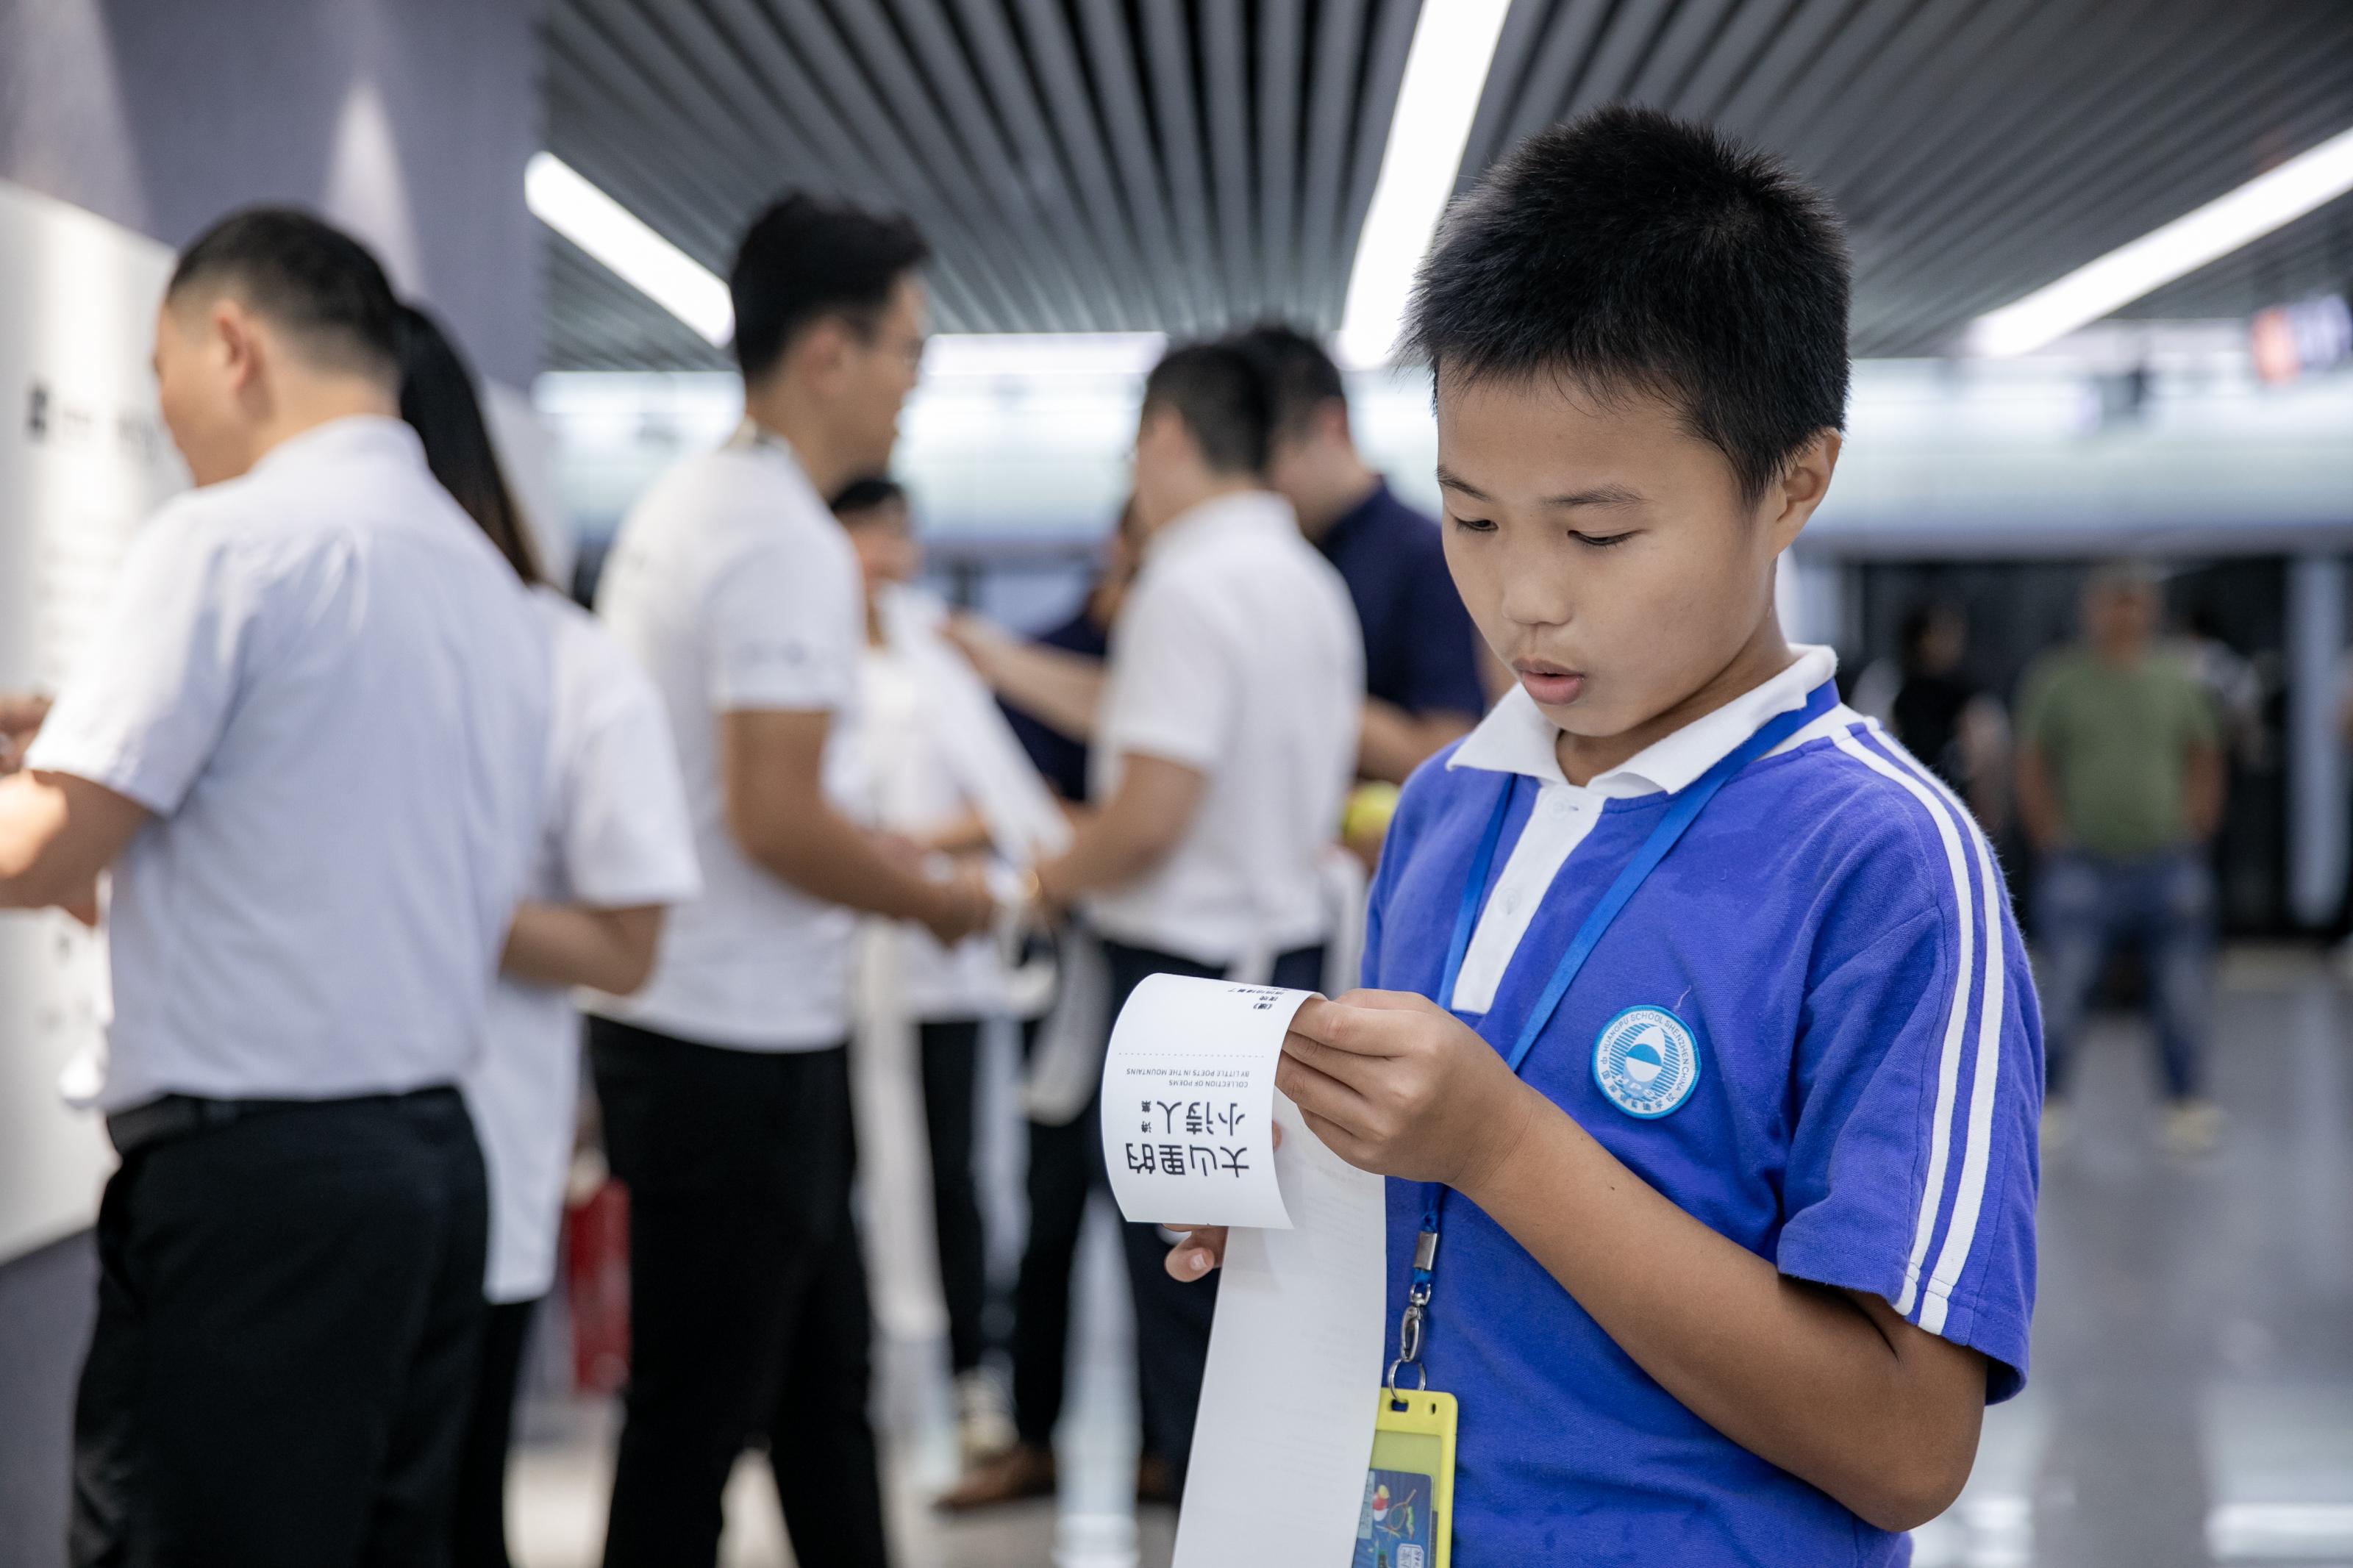 深圳福田地铁站成网红打卡地,竟是因为这些孩子写的诗!